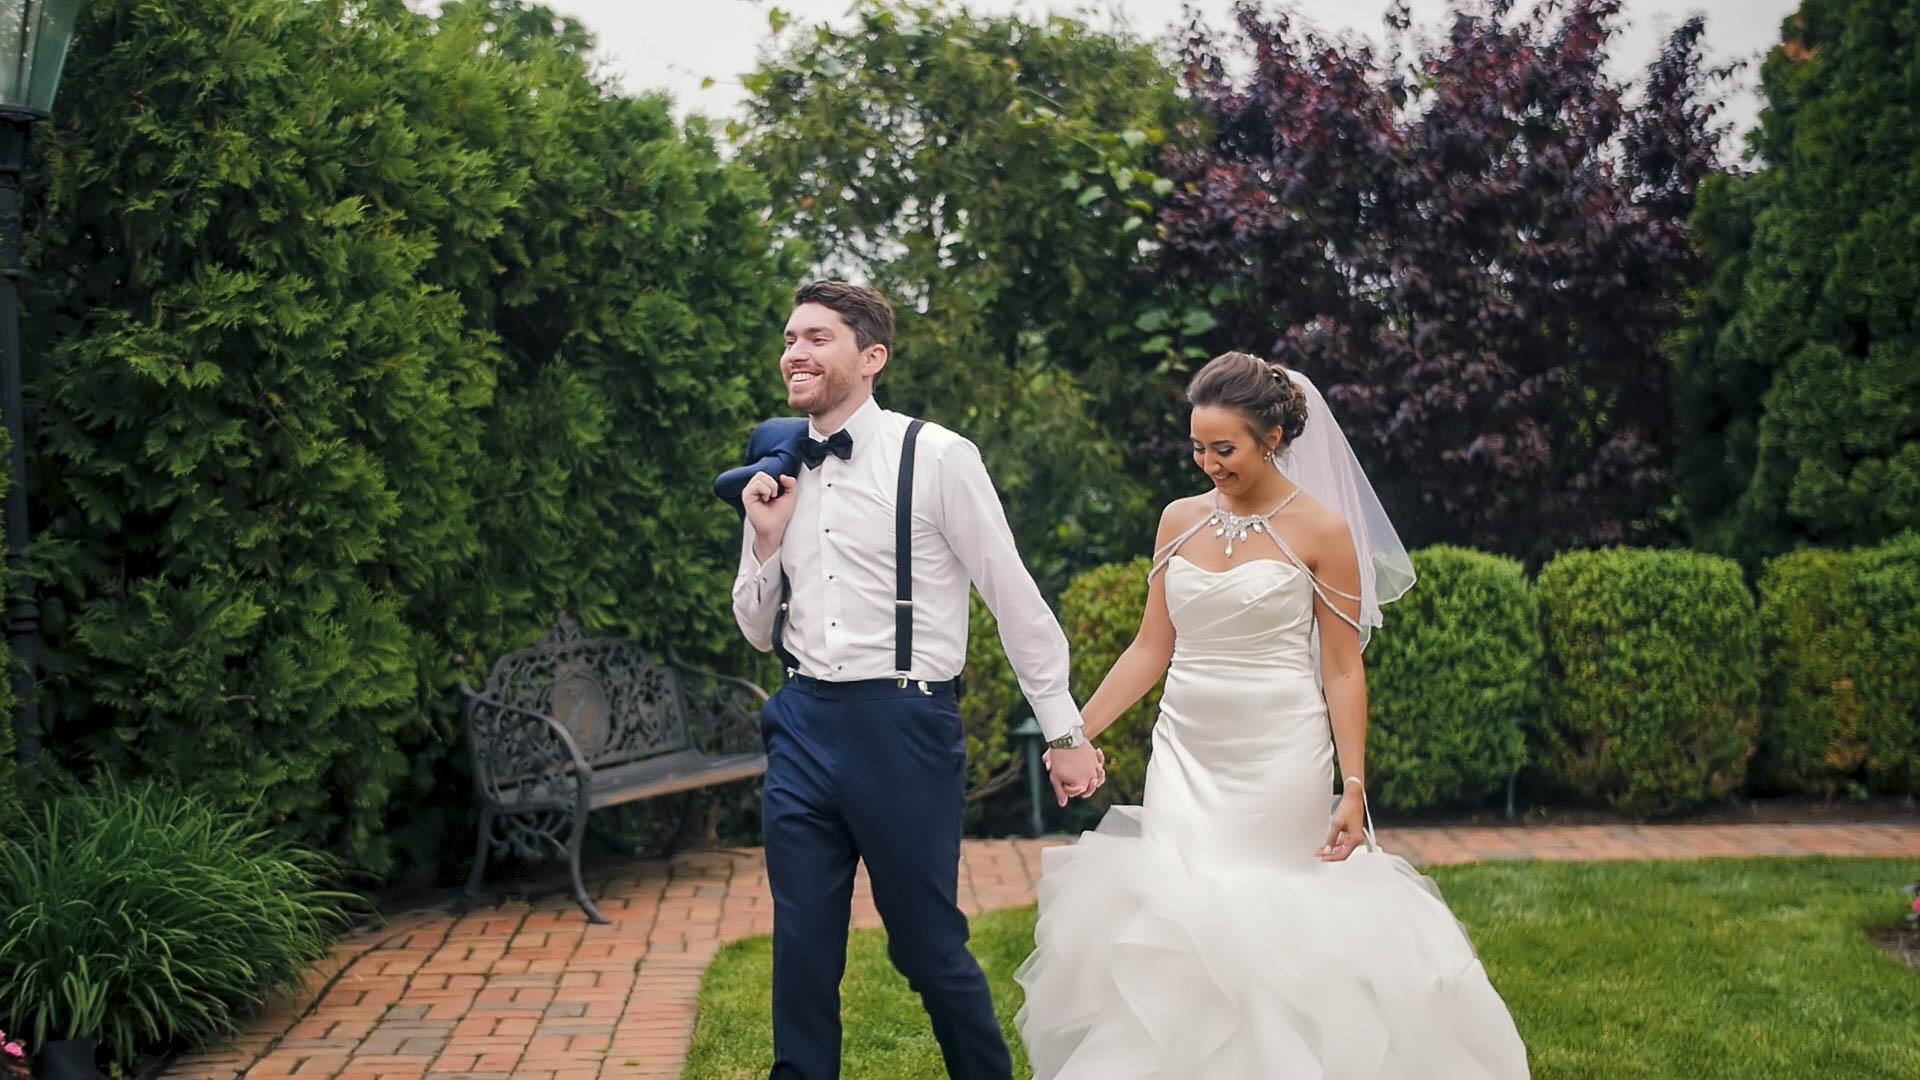 The park savoy wedding, Jenna and steve, park savoy wedding, tonemedia, park savoy wedding video, the park savoy wedding video, the park savoy wedding, nj wedding videographer, nj wedding video, nj wedding videography